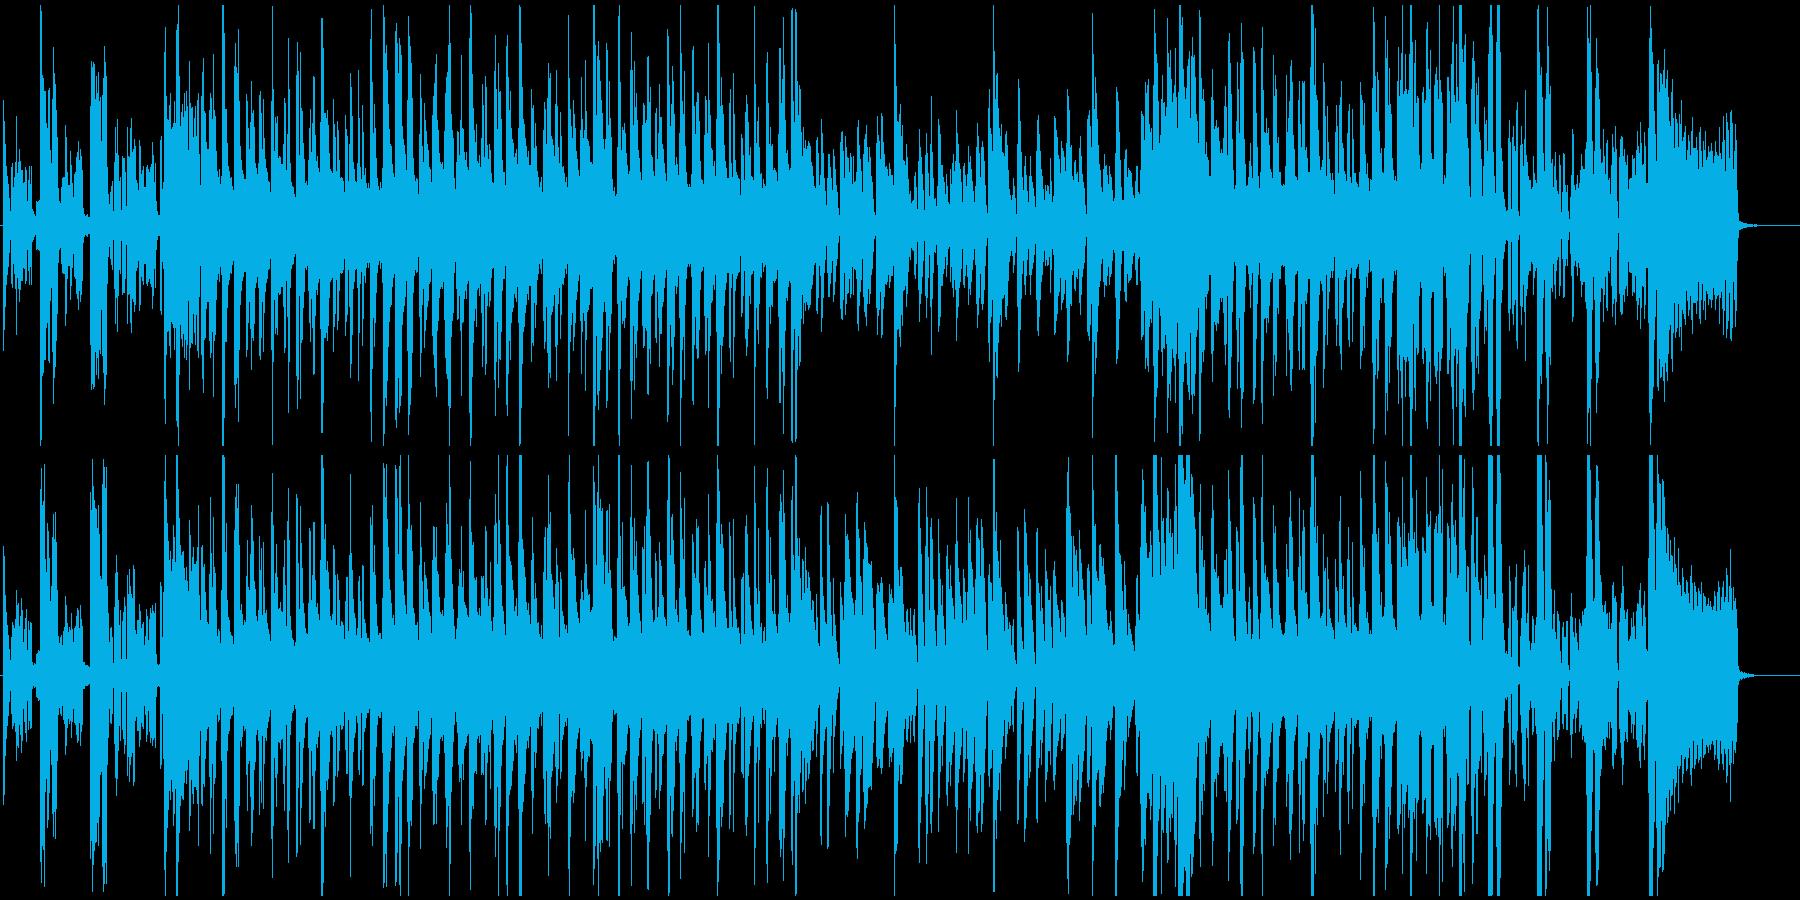 ブルース、ジャズ調ほのぼのBGMの再生済みの波形